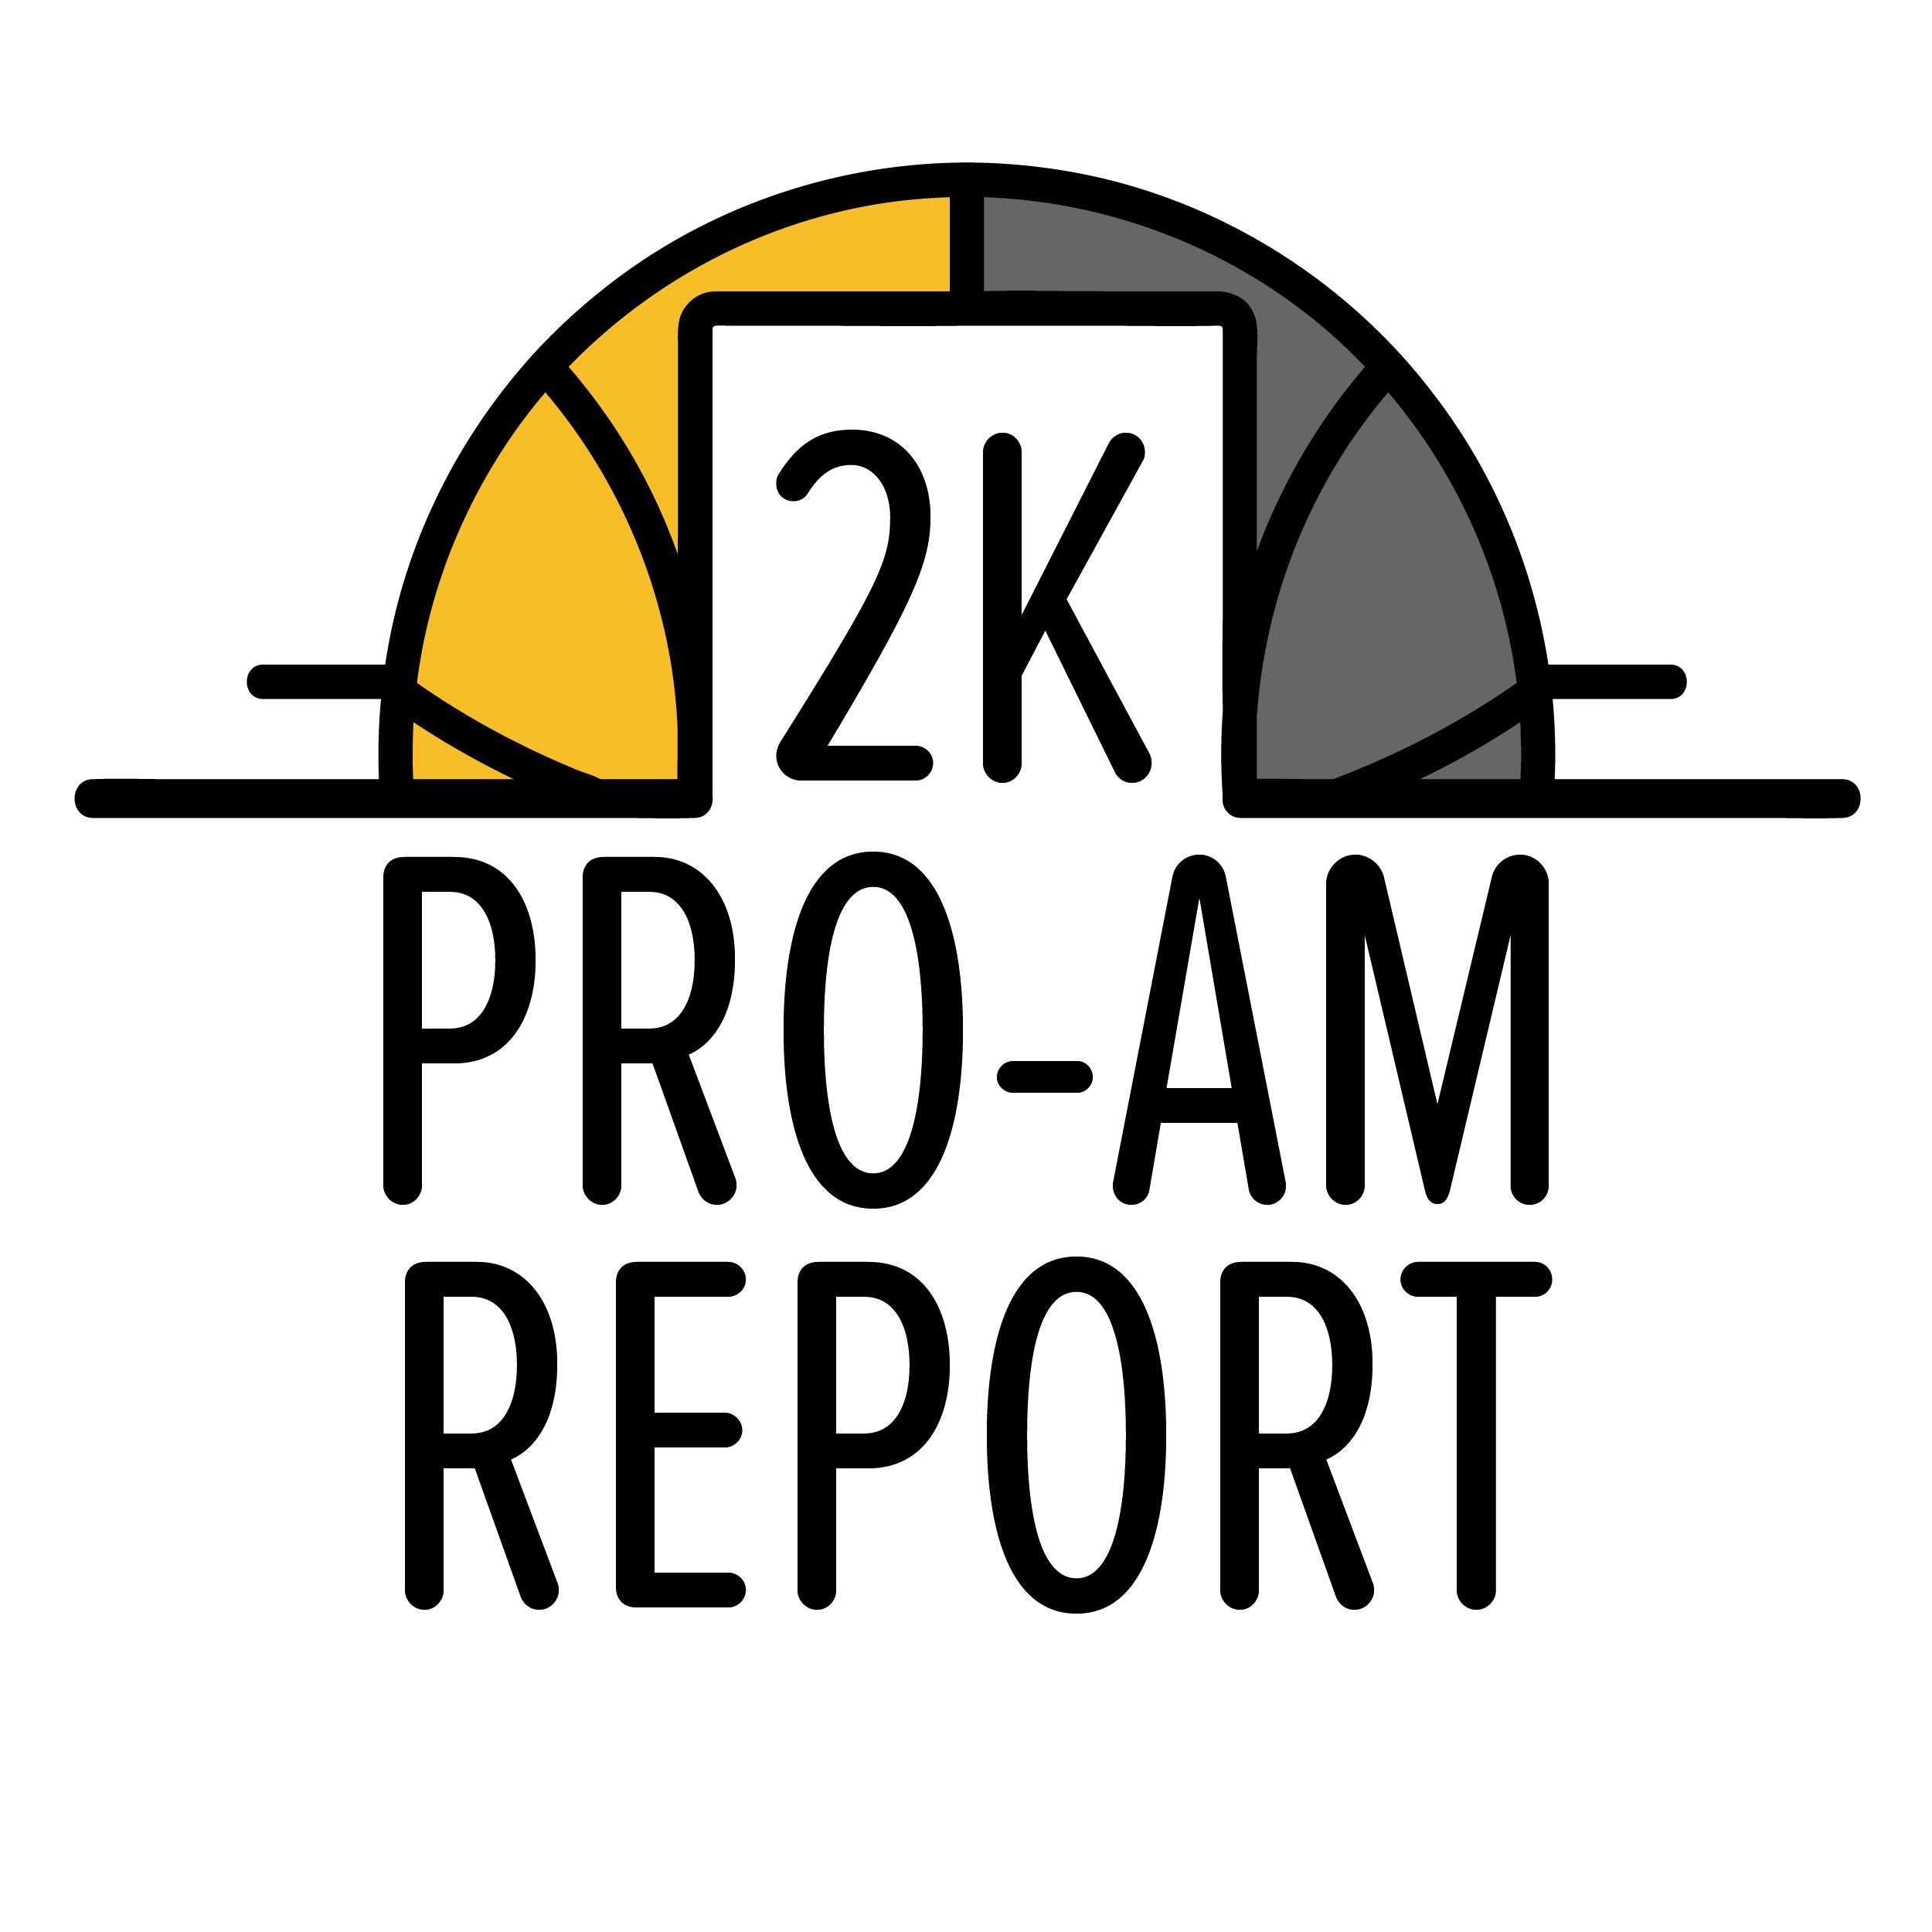 2KPROAMREPORT LOGO 3-01.png